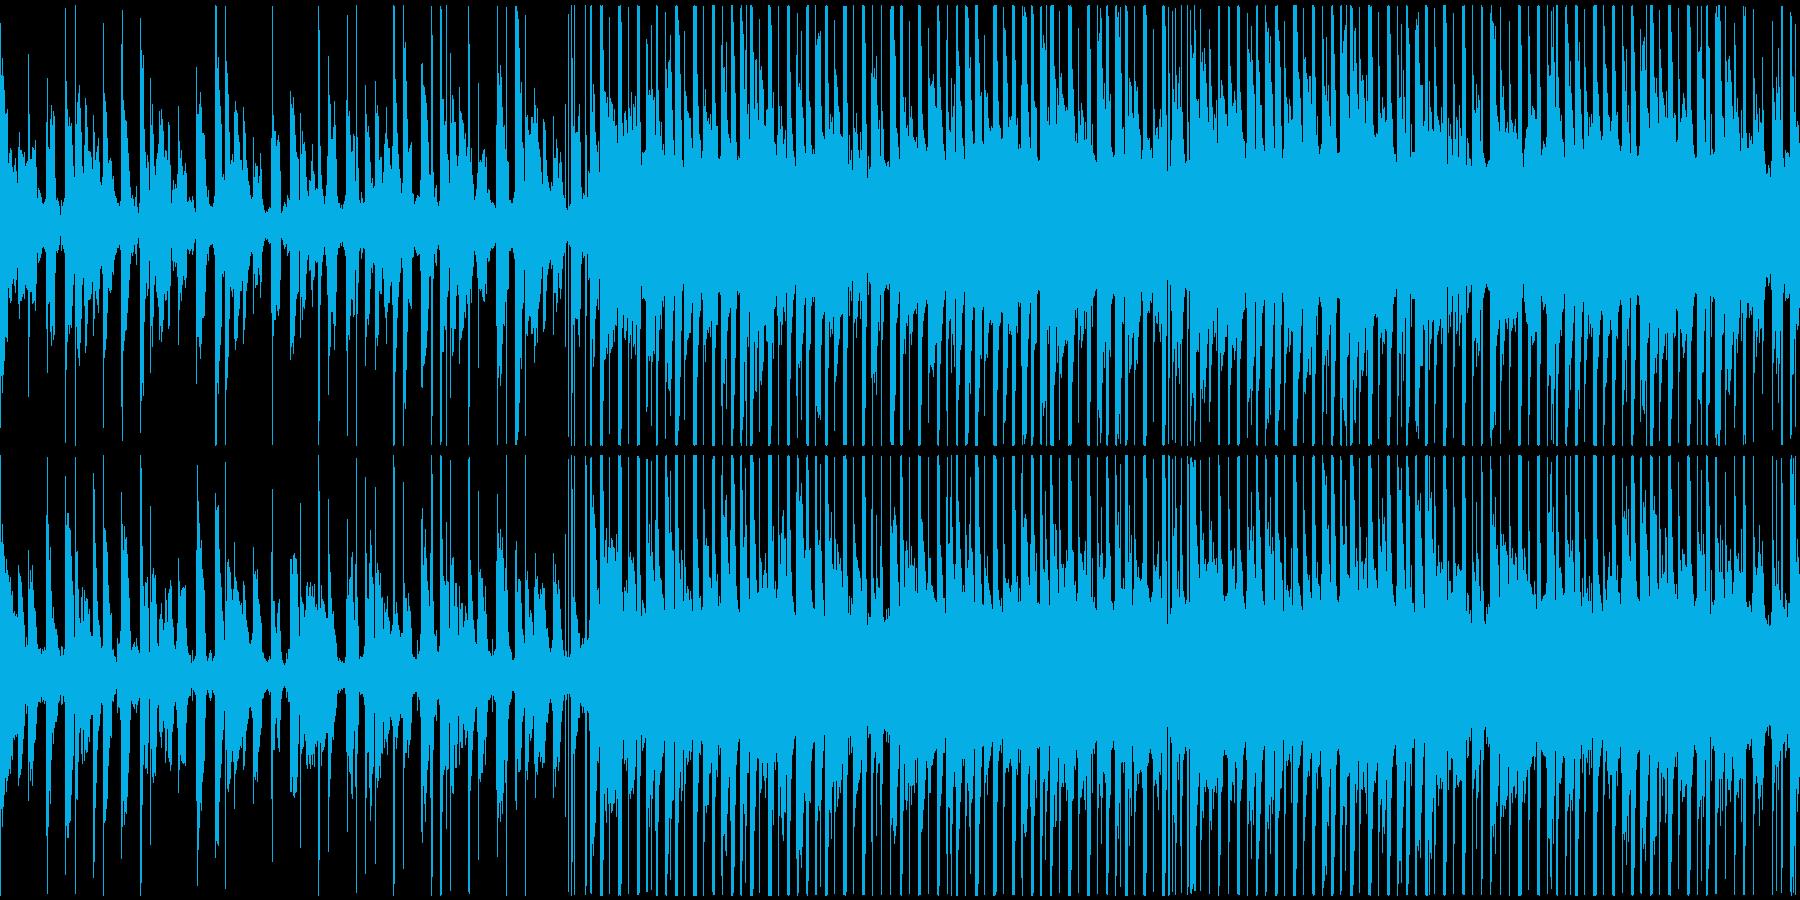 トロピカルでチルいハウスのループの再生済みの波形